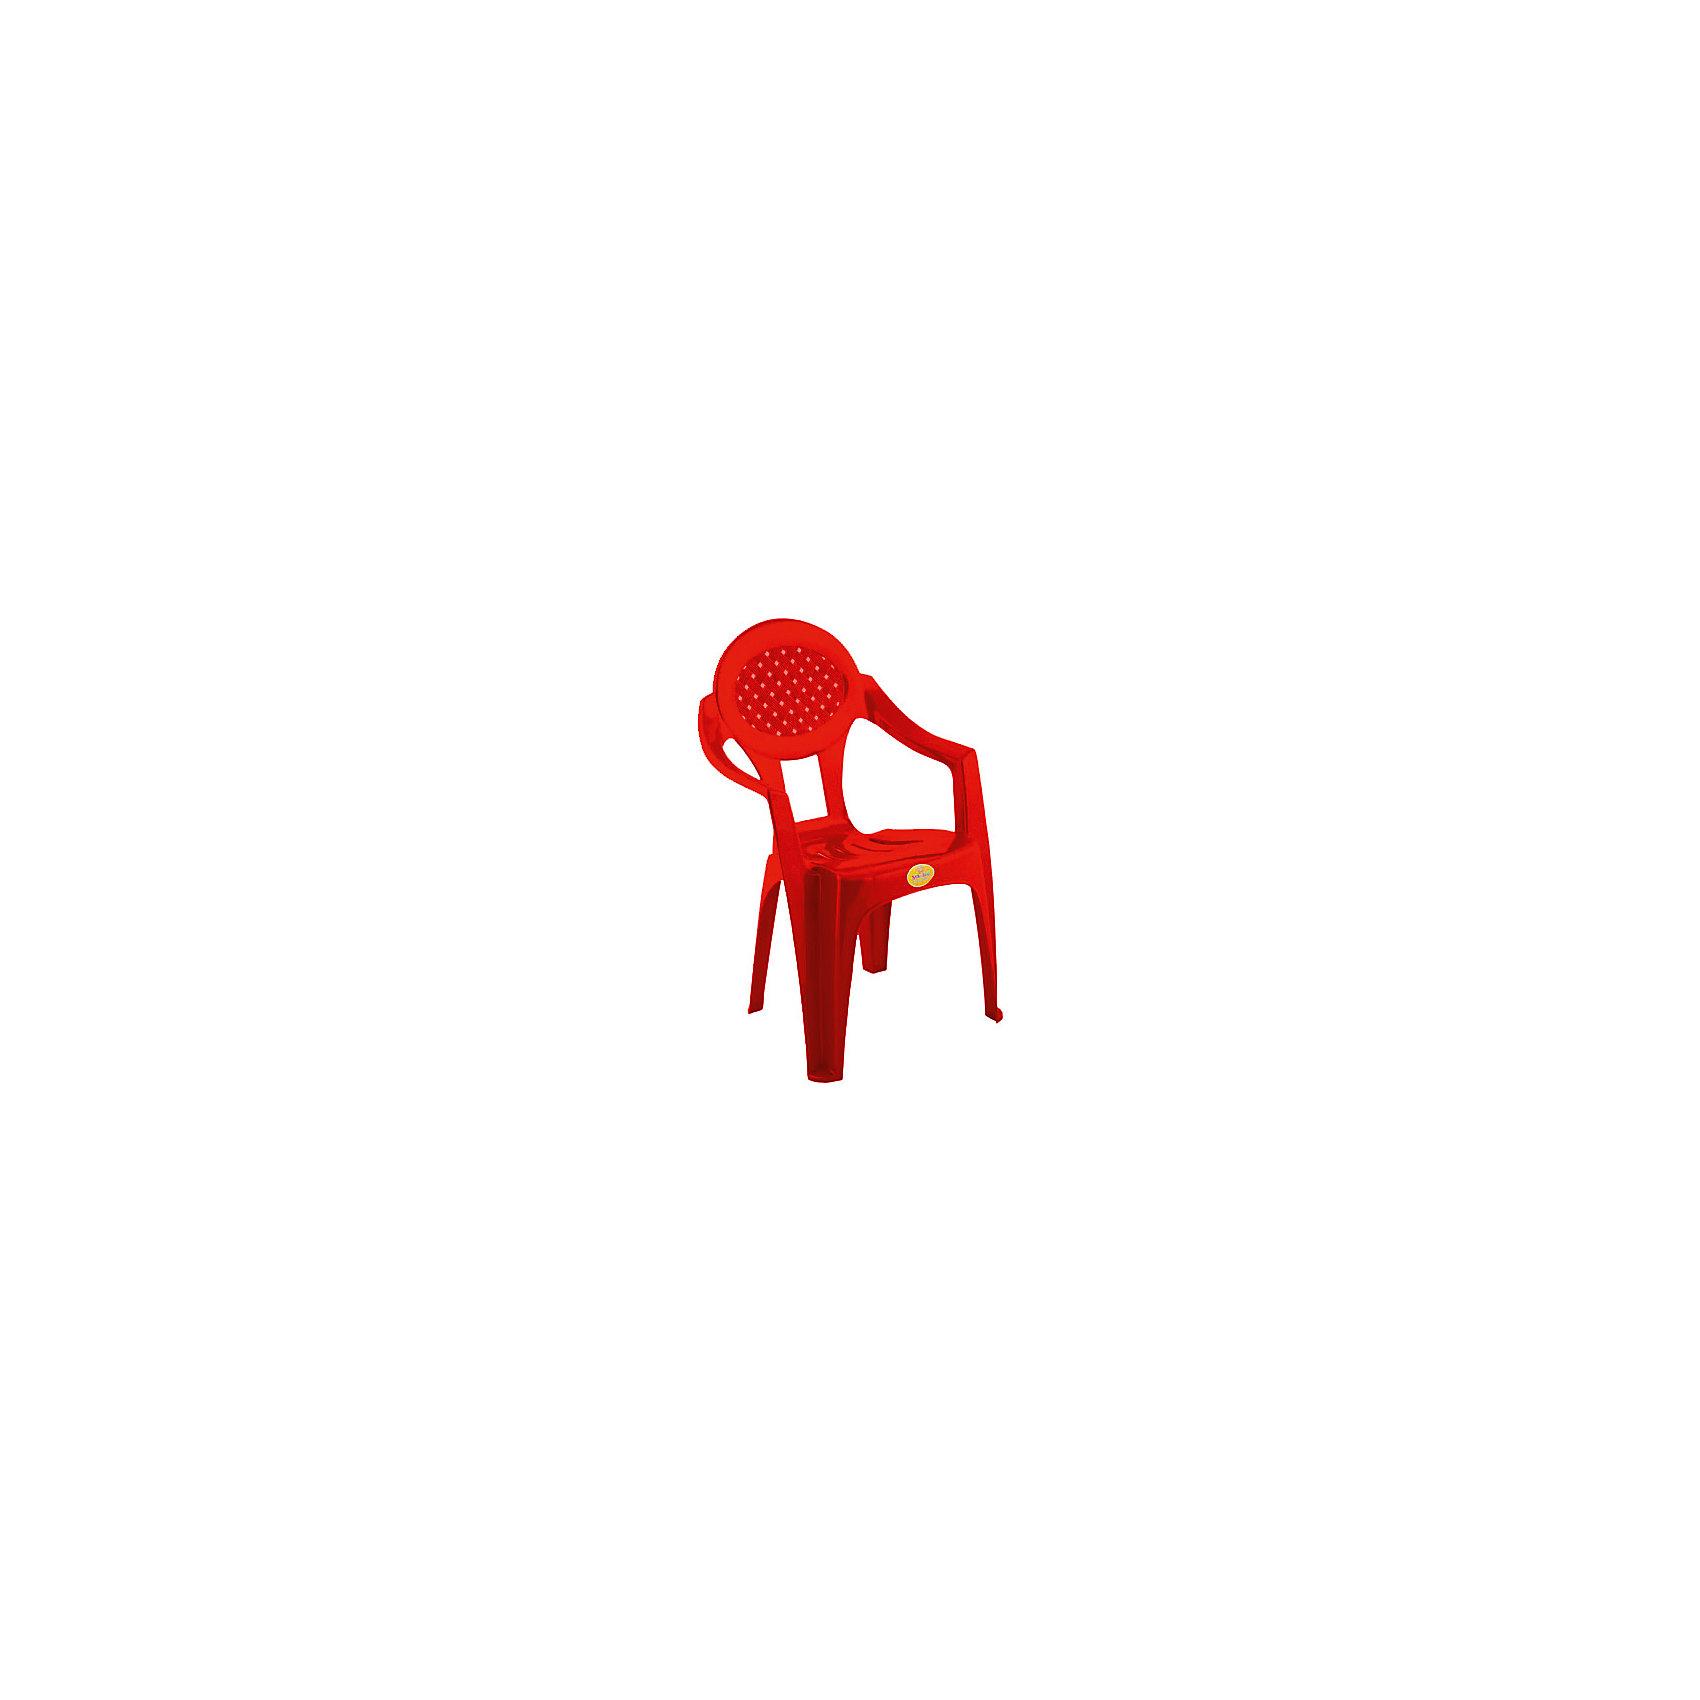 Красный стул МалышЯркий стульчик прекрасно впишется в интерьер детской комнаты. Стул имеет эргономичную форму, выполнен из высококачественного прочного пластика, его легко мыть или же протирать влажной губкой. <br><br>Дополнительная информация:<br><br>- Материал: пластик.<br>- Размер: 32х28х56 см.<br>- Эргономичная форма. <br><br>Детский стульчик Малыш, красный, можно купить в нашем магазине.<br><br>Ширина мм: 750<br>Глубина мм: 480<br>Высота мм: 380<br>Вес г: 150<br>Возраст от месяцев: 24<br>Возраст до месяцев: 84<br>Пол: Унисекс<br>Возраст: Детский<br>SKU: 4718428